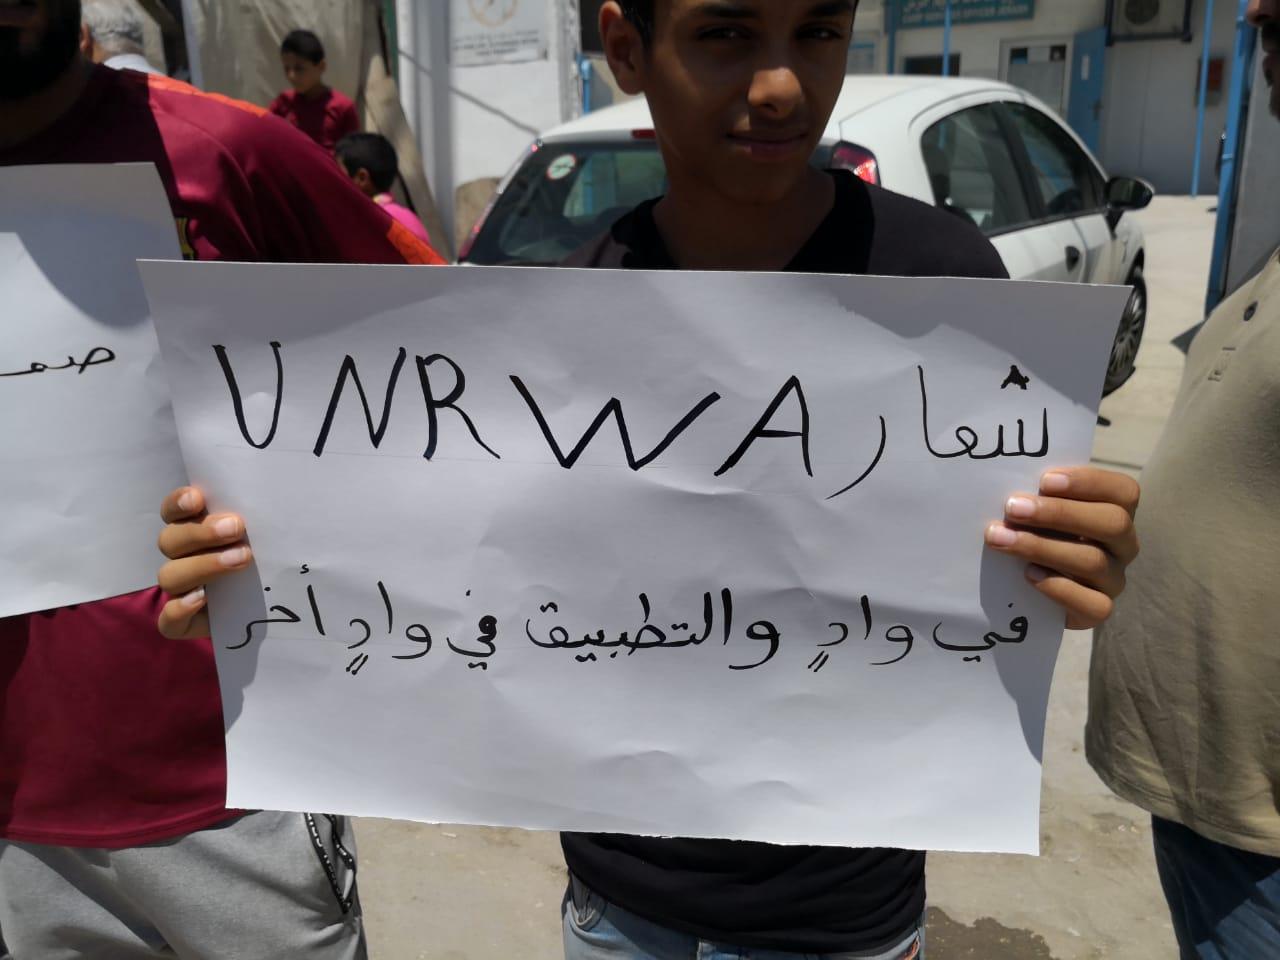 بالصور ..  وقفة احتجاجية في مخيم جرش احتجاجاً على تقليص الخدمات من قبل الأونروا